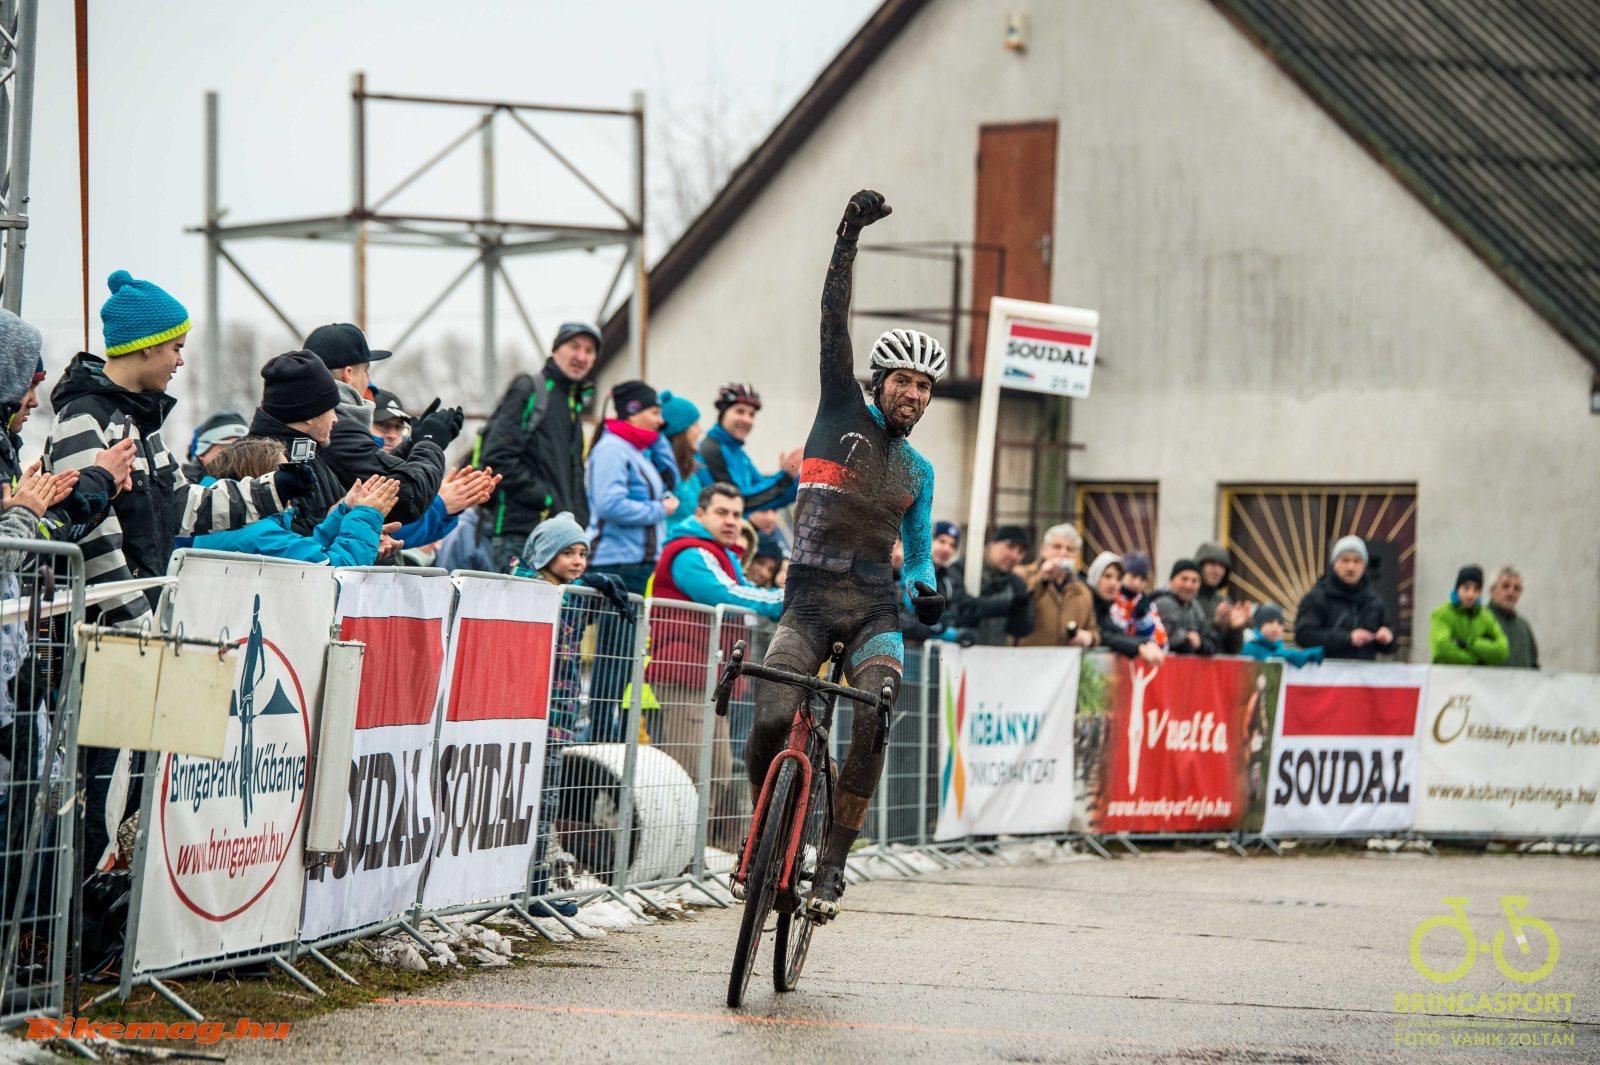 Búr Zsolt a bajnok (Fotó: Vanik Zoltán)